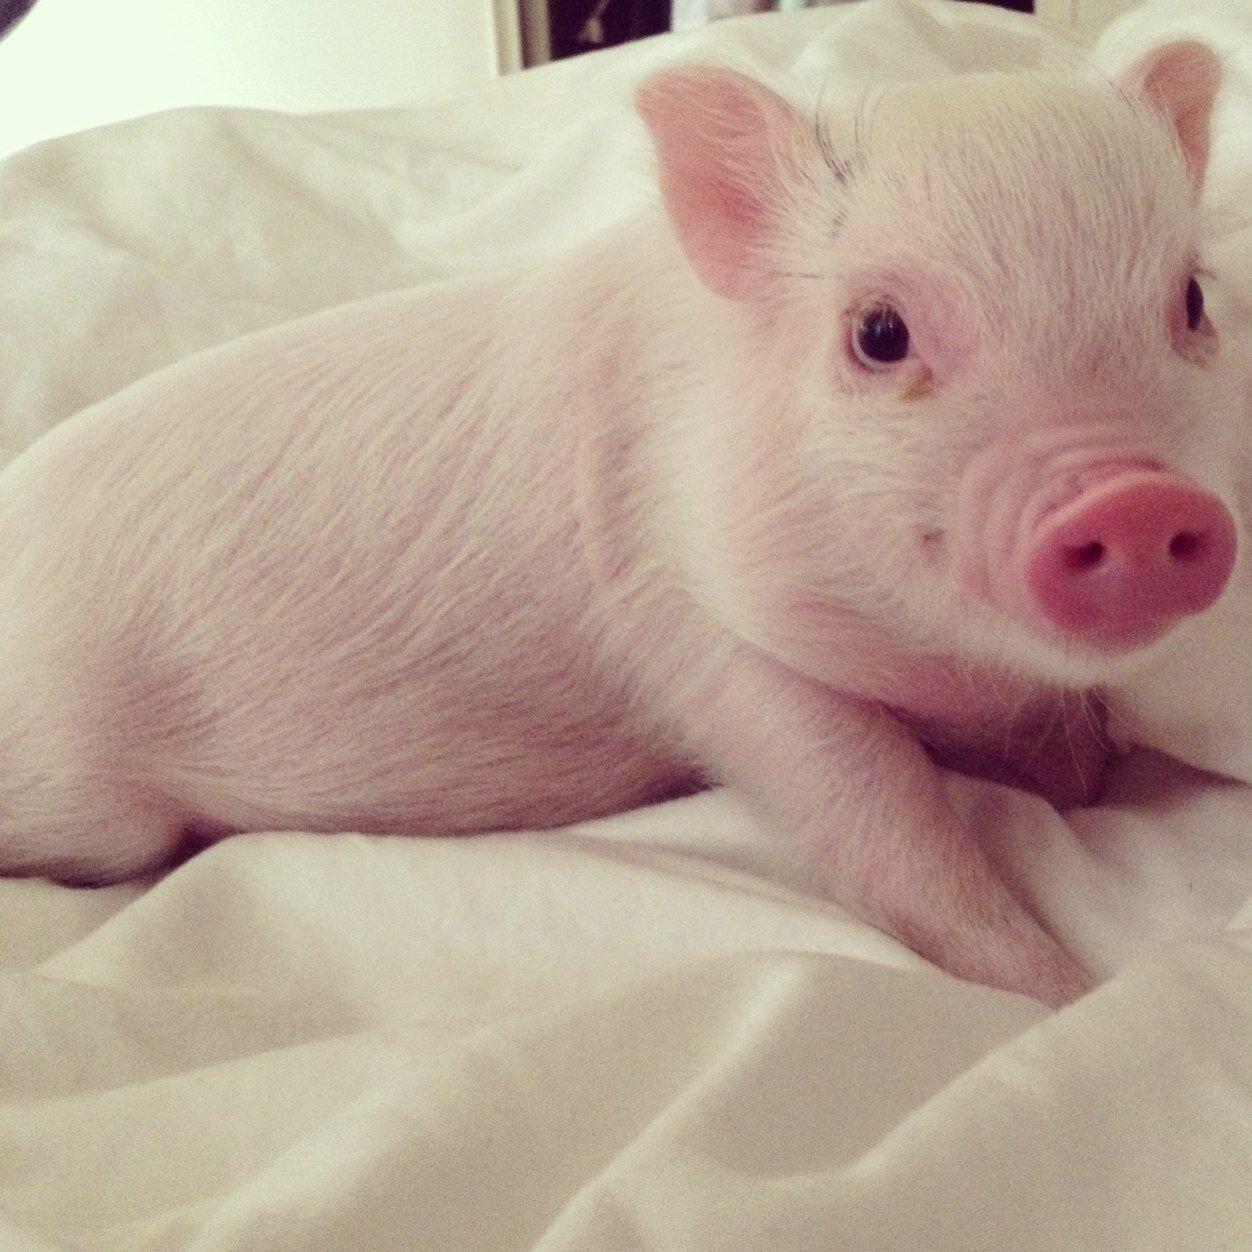 Dự báo giá heo hơi hôm nay 26/11: Giá lợn hơi mới nhất lên 31.000 đồng/kg